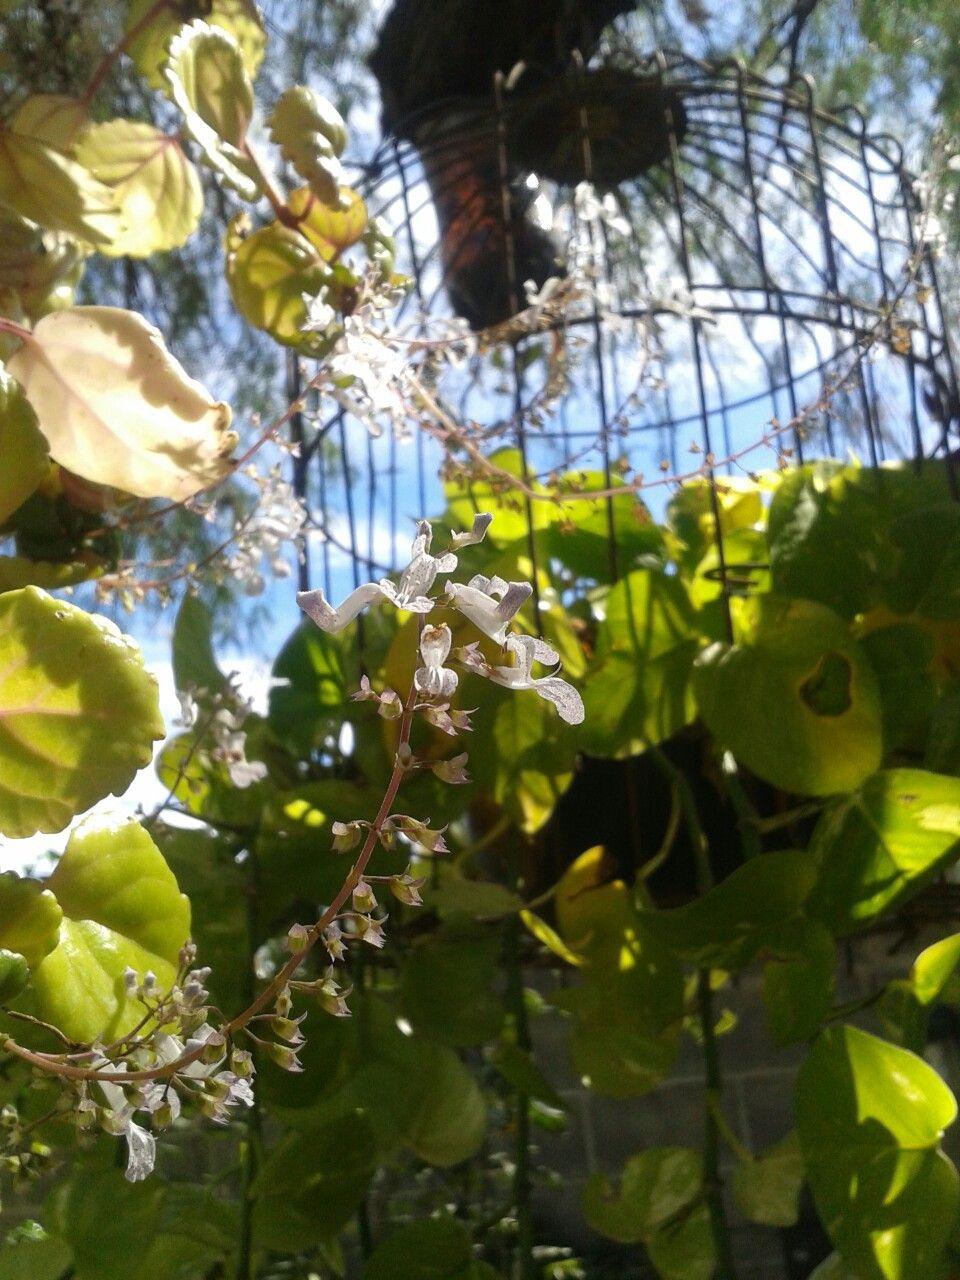 decoration ideas for gardens. ideas decorativas para jardines y exteriores.  #cage #decoration #garden #romantic